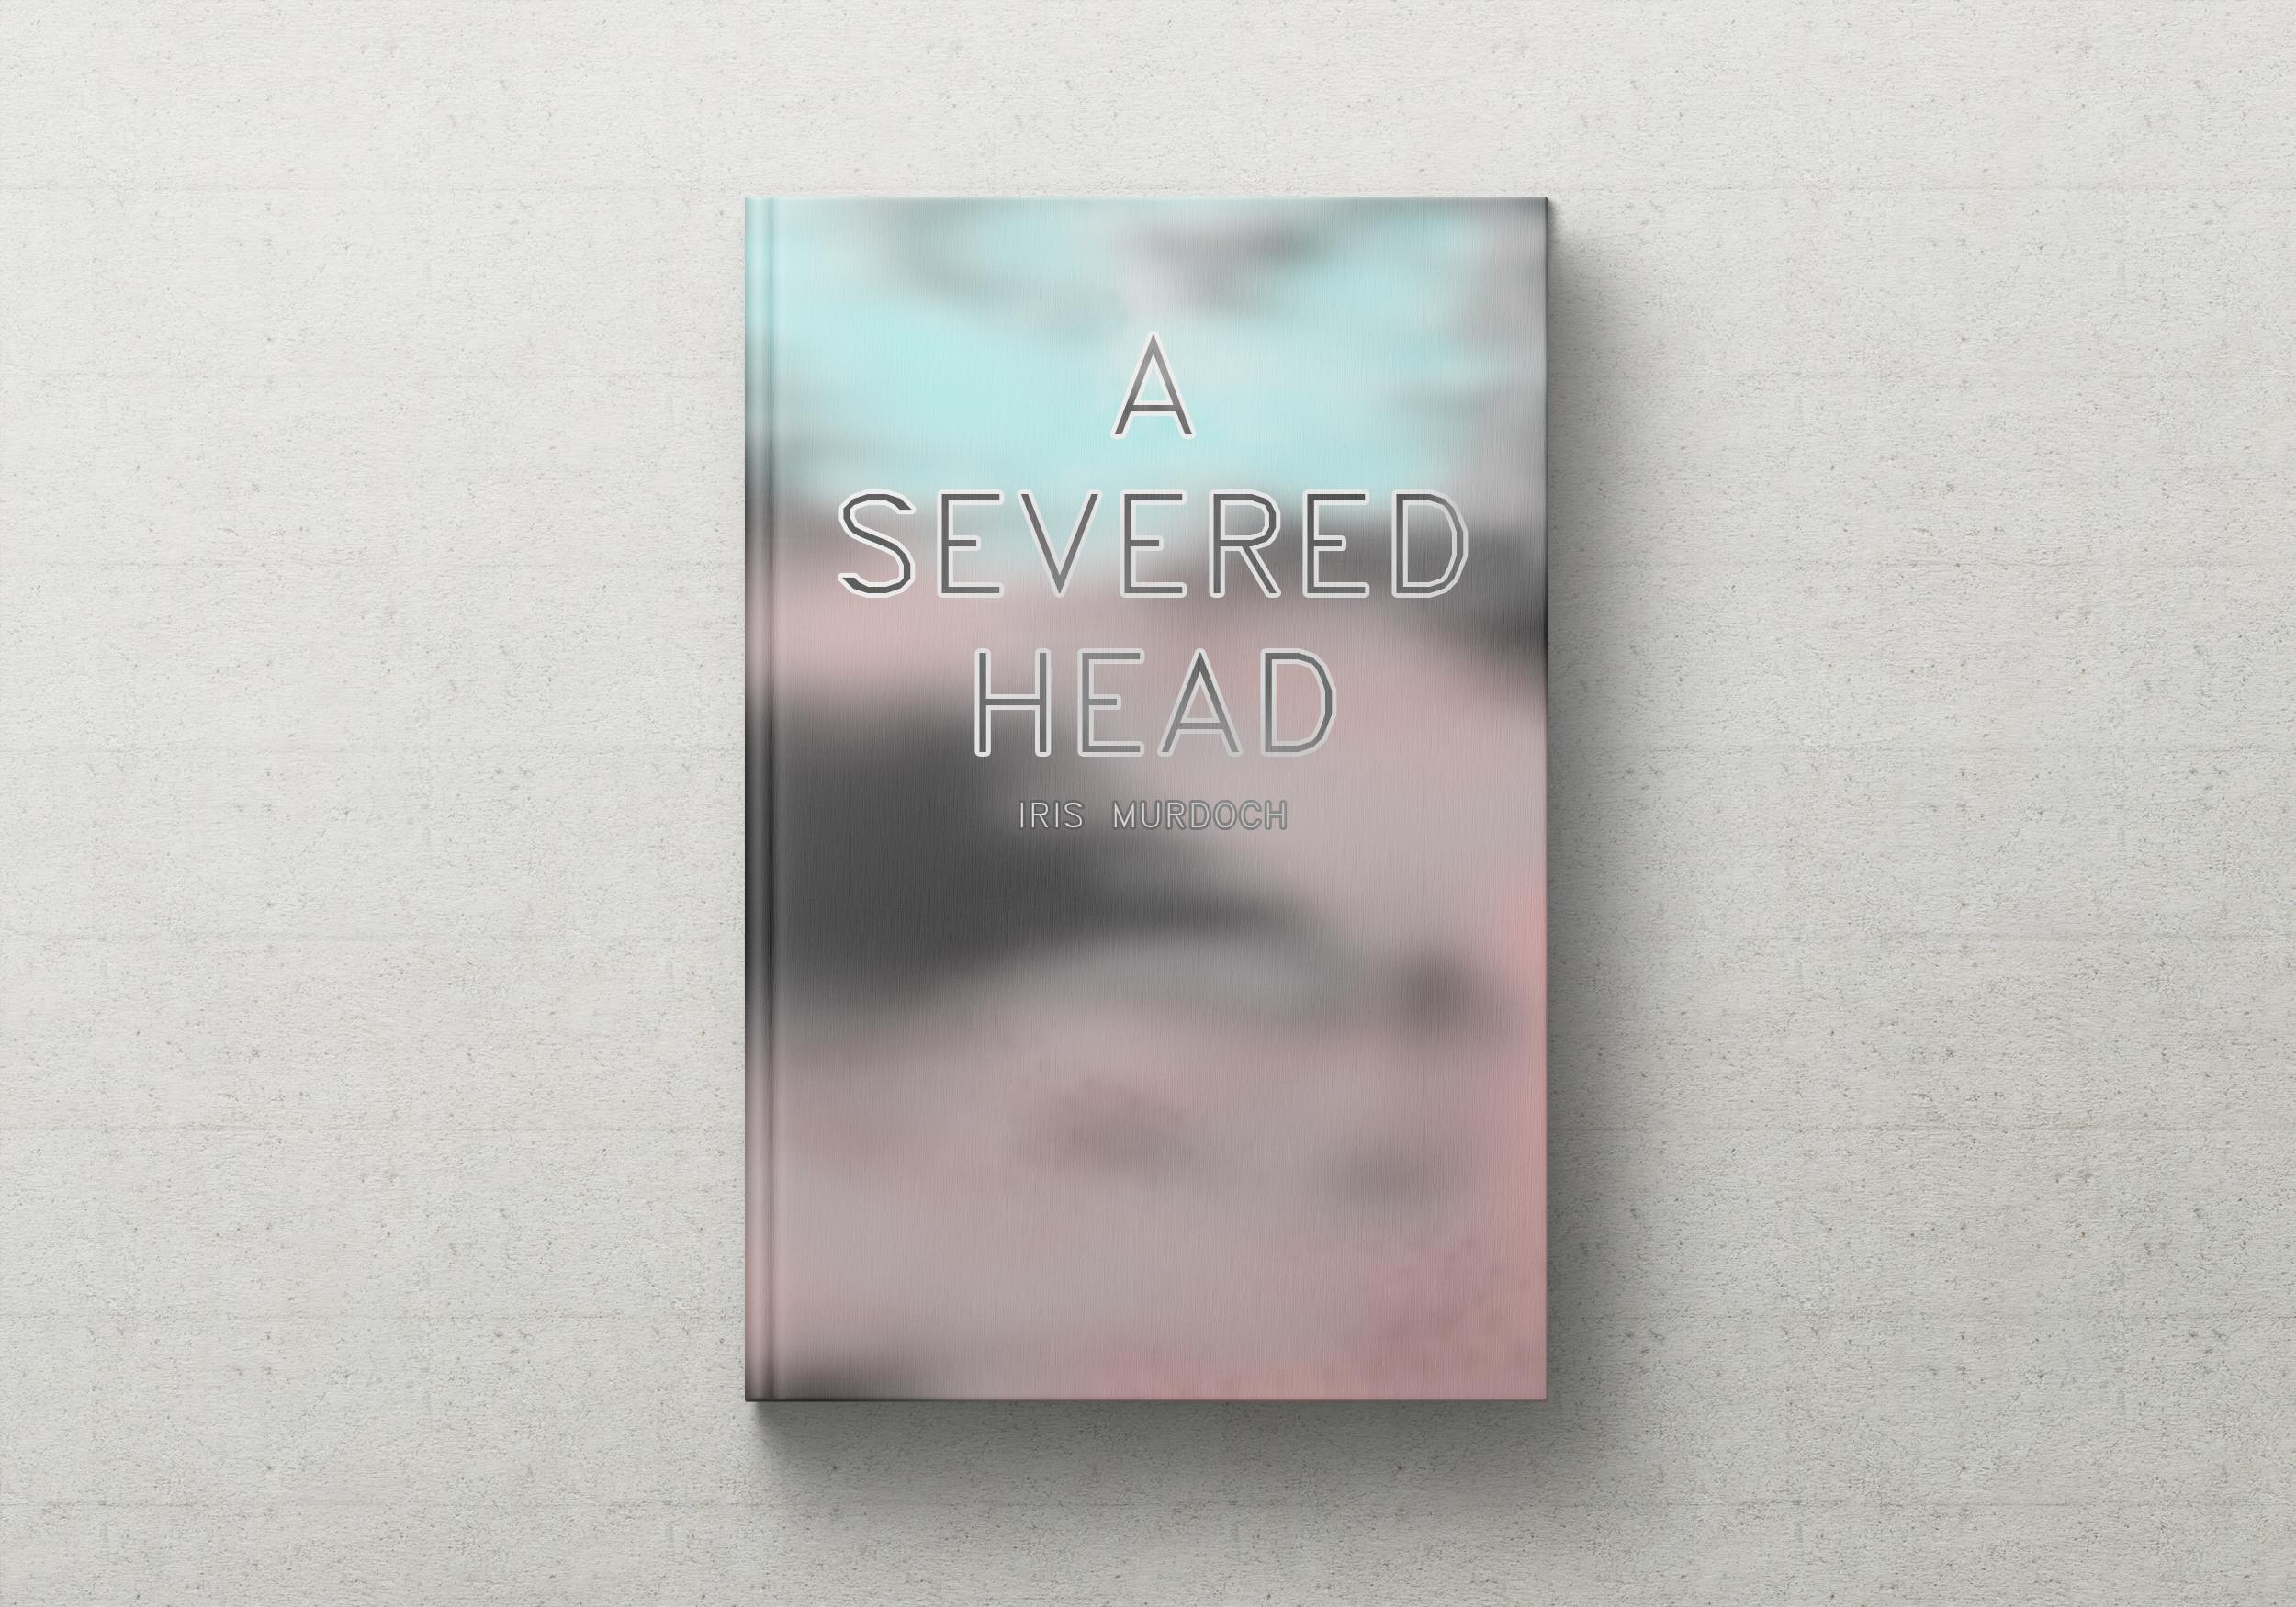 A SEVERED HEAD Iris Murdoch